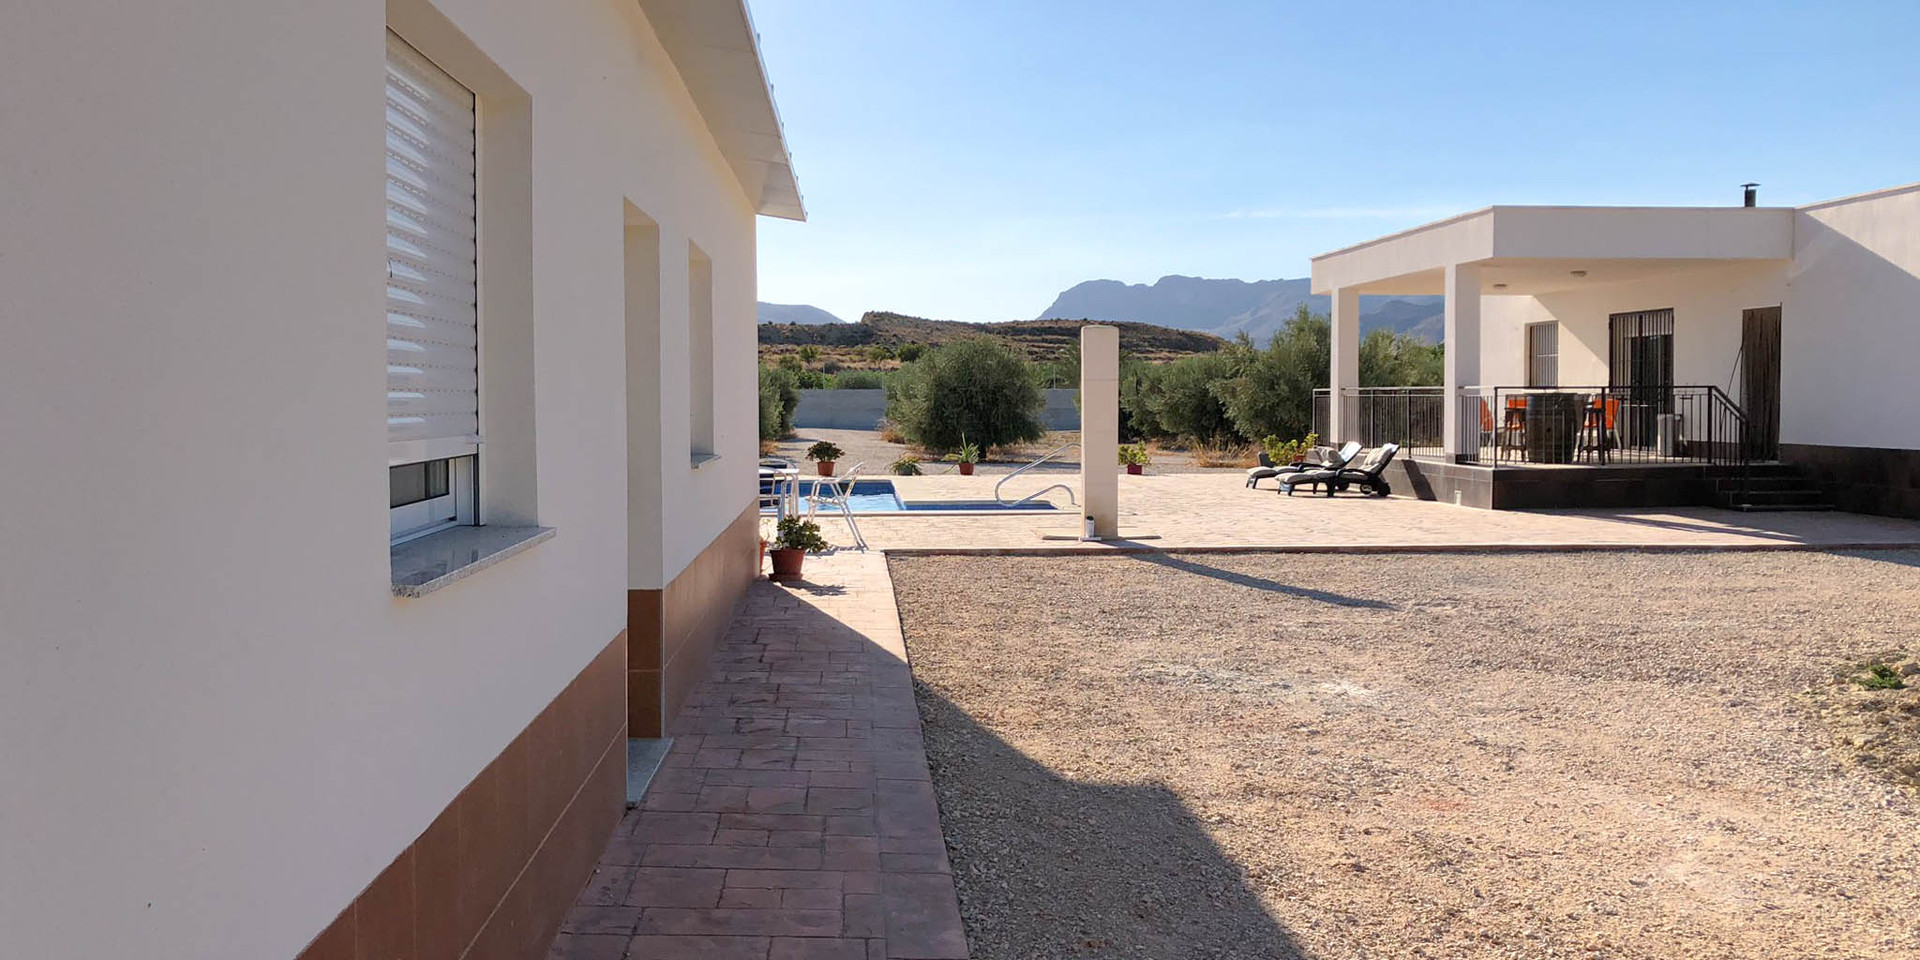 Vivienda en Mahoya. Casa entre olivos en Abanilla. Invitados